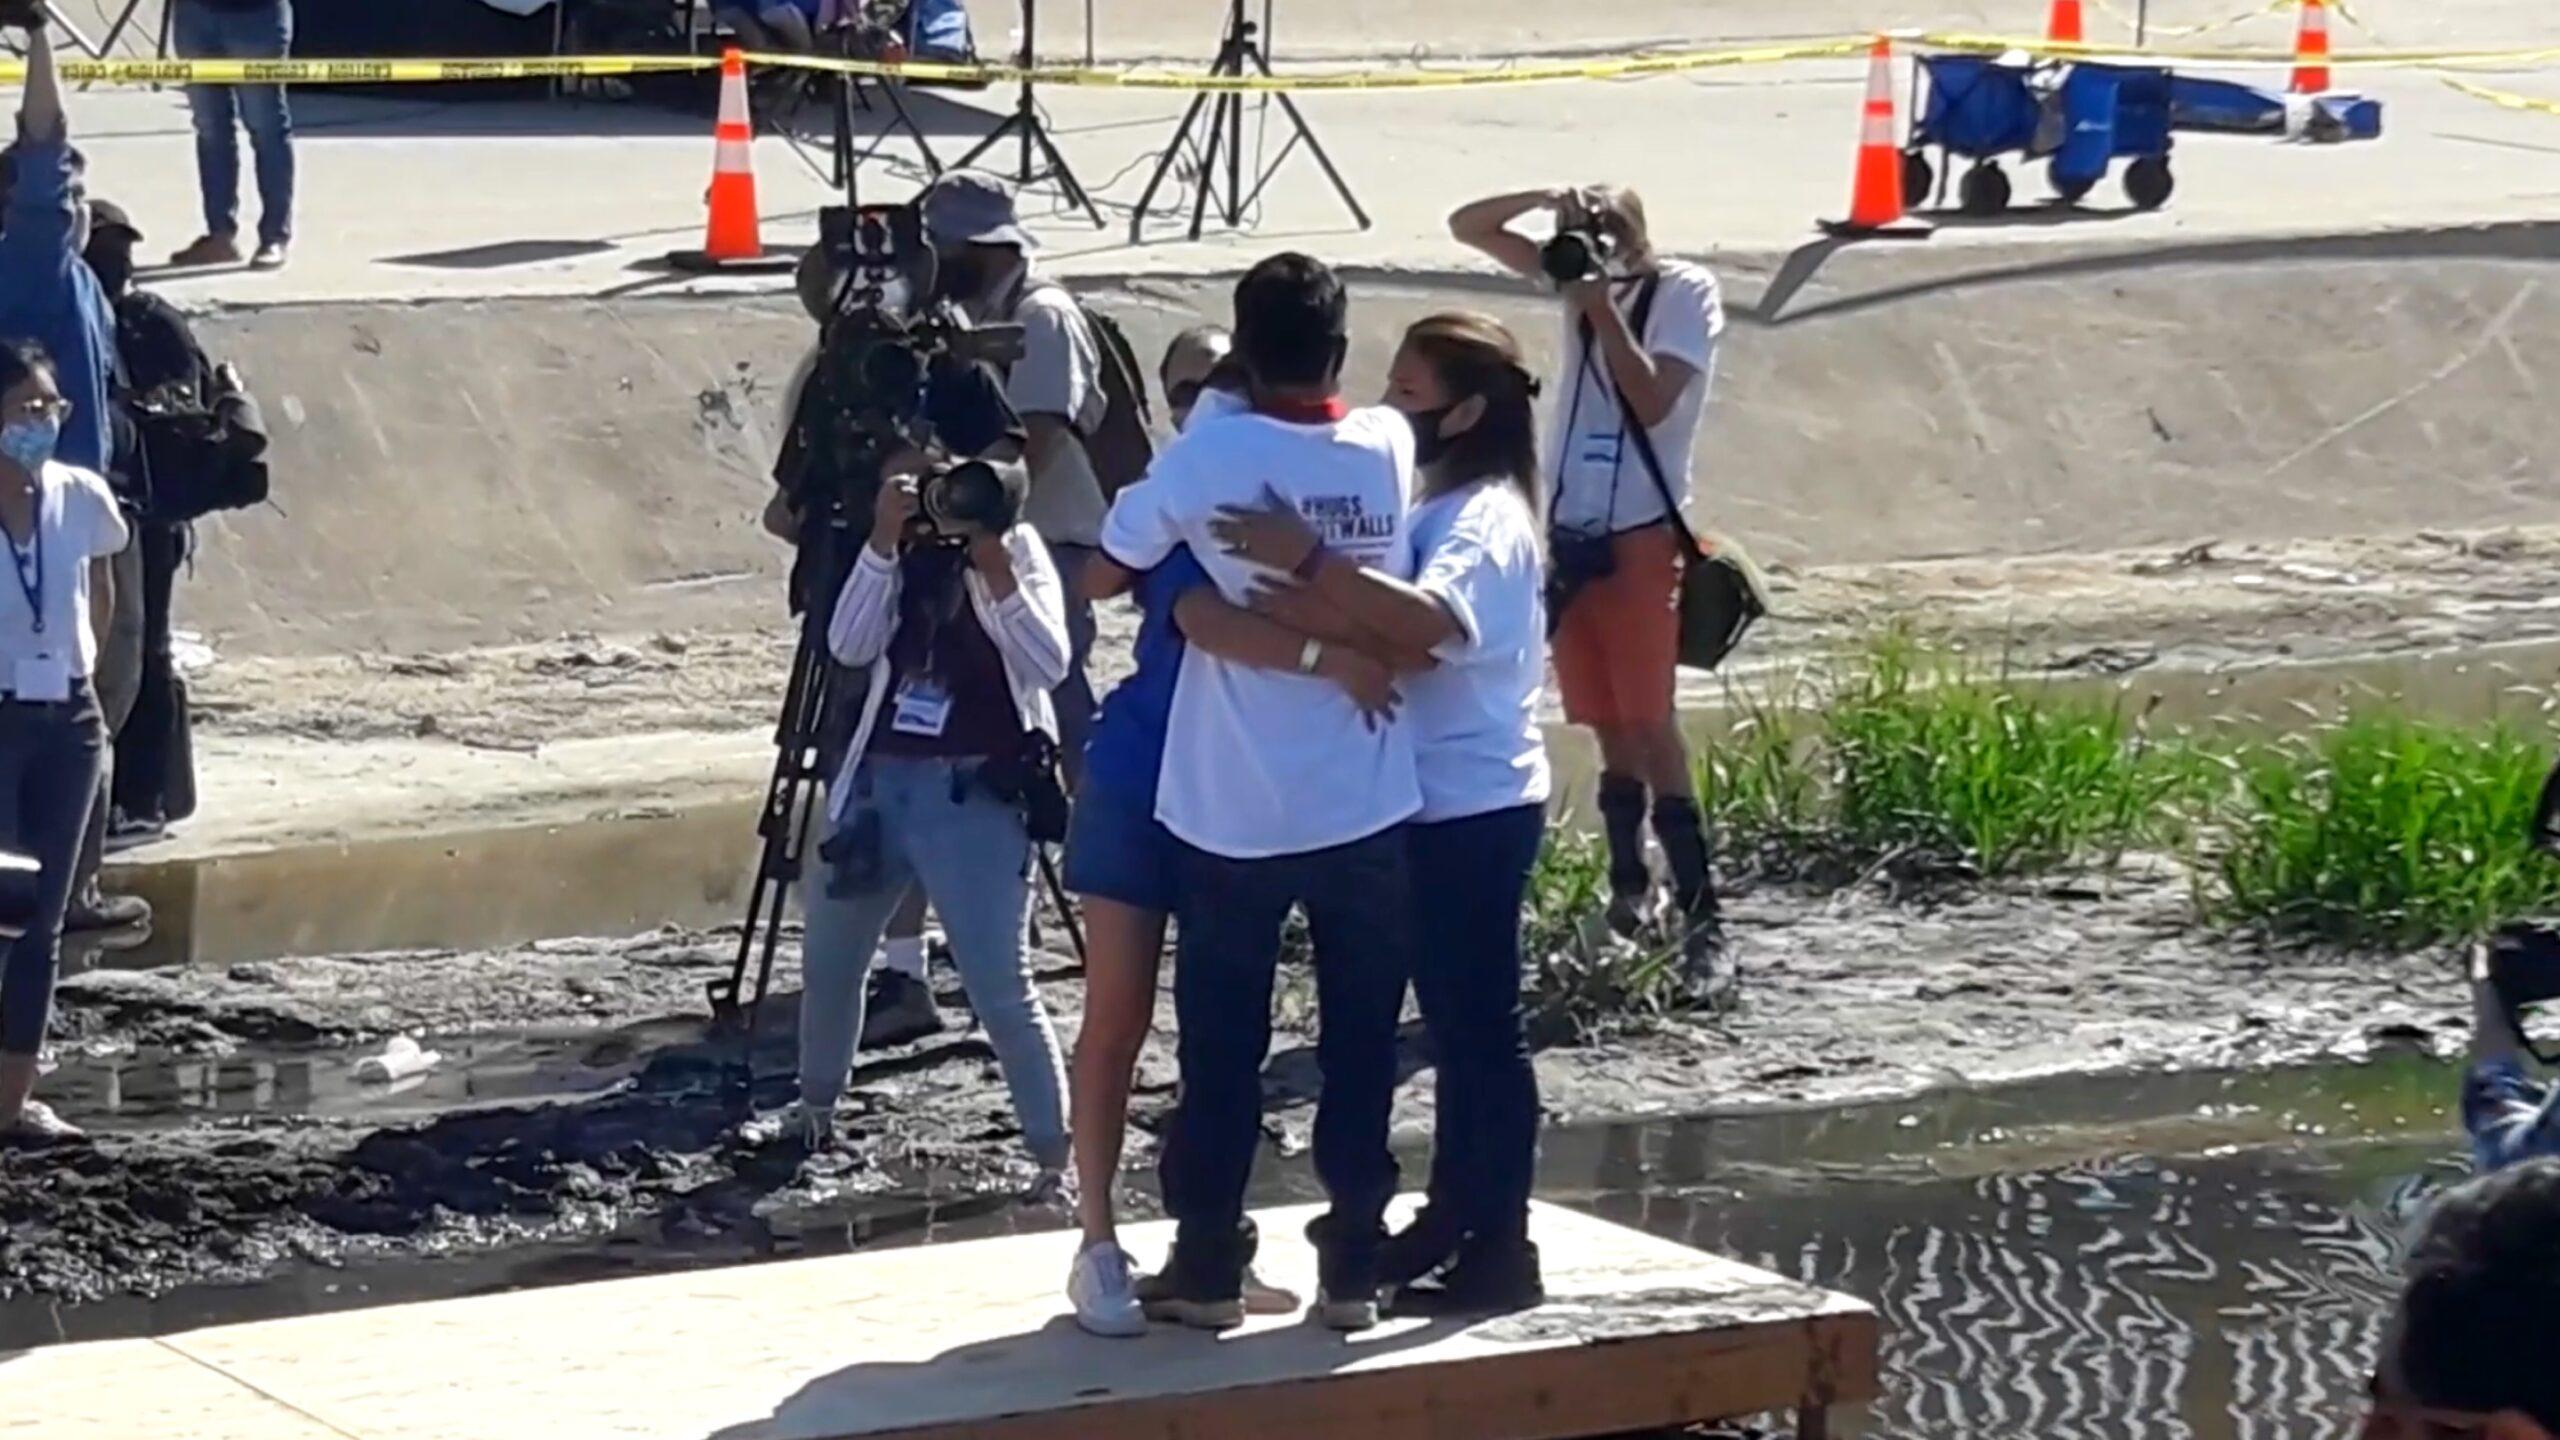 Familia-se-reune-en-el-bordo-del-Rio-Bravo-Abrazos-no-muros-Hugs-not-walls